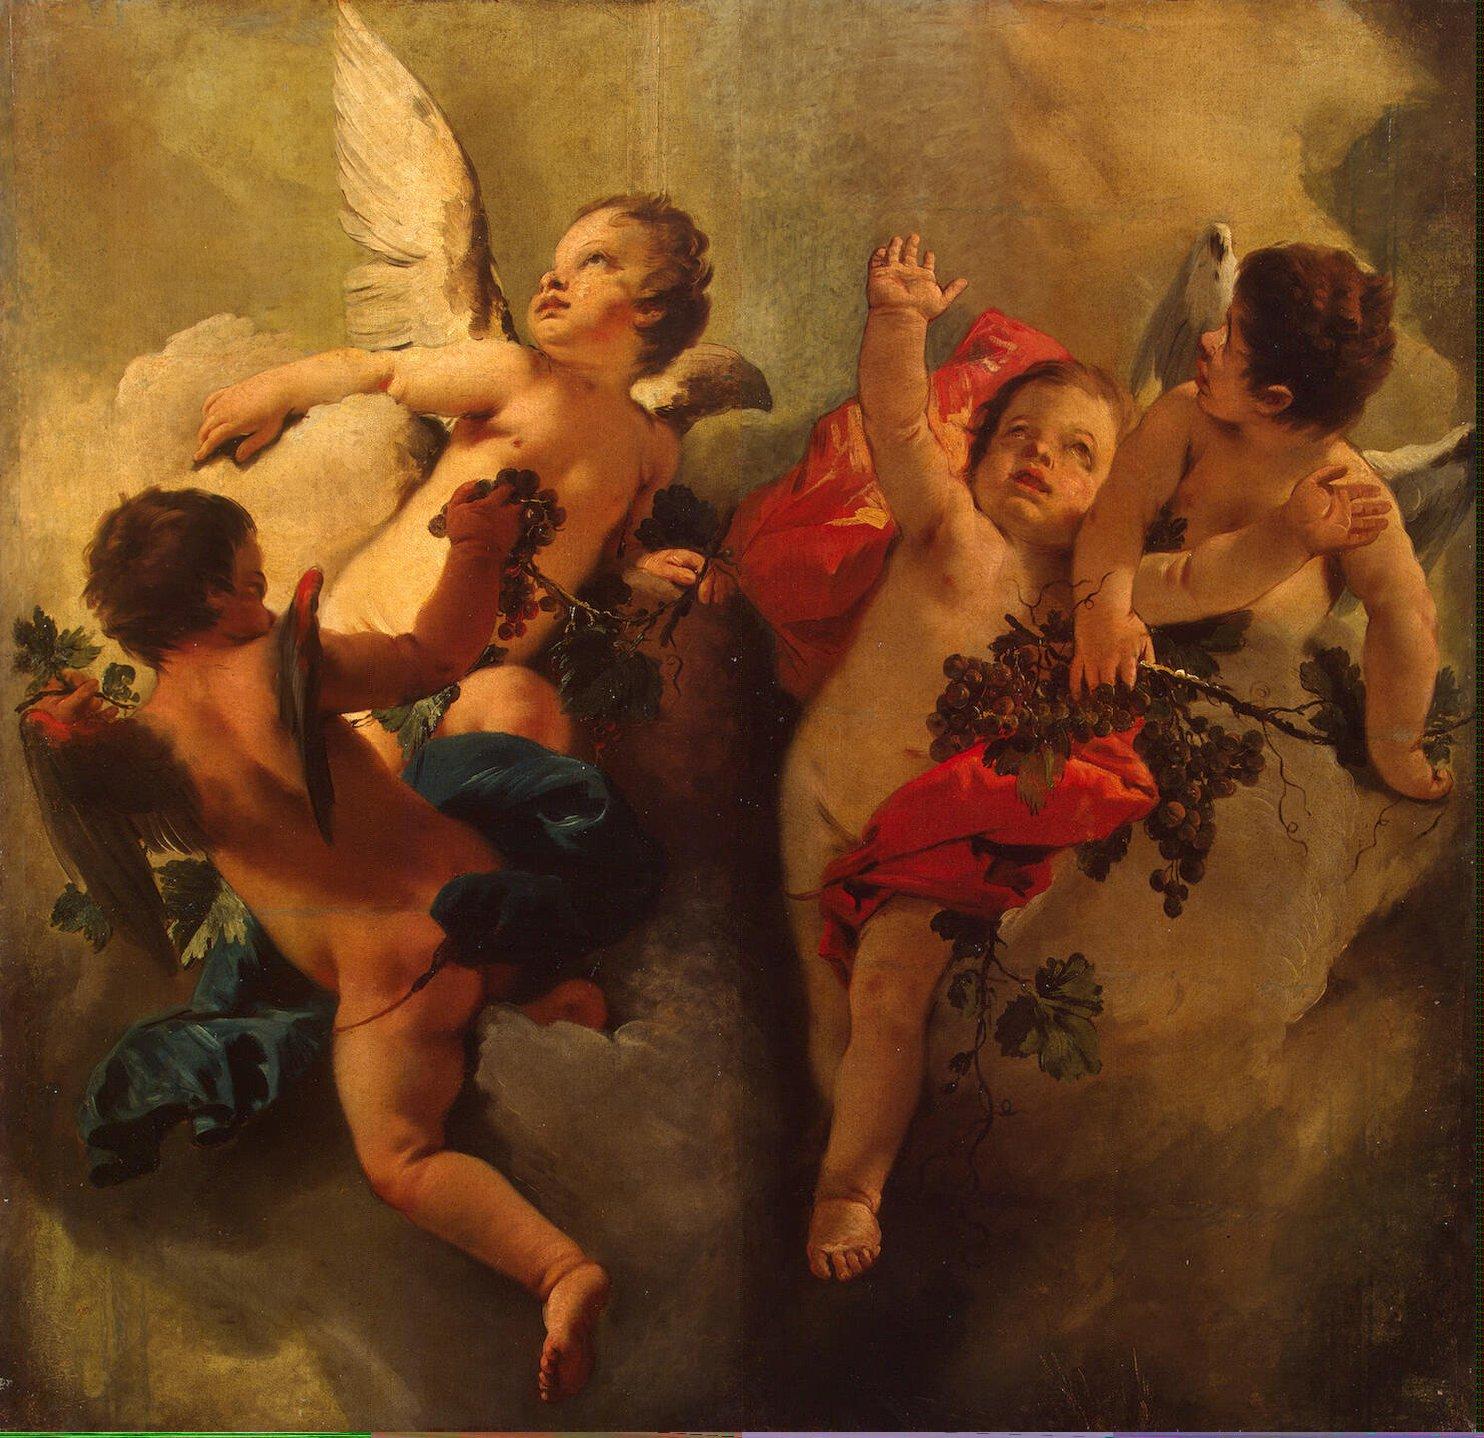 Tiepolo_Giovanni_Battista-ZZZ-Cupids_with_Grapes_(Allegory_of_Autumn)